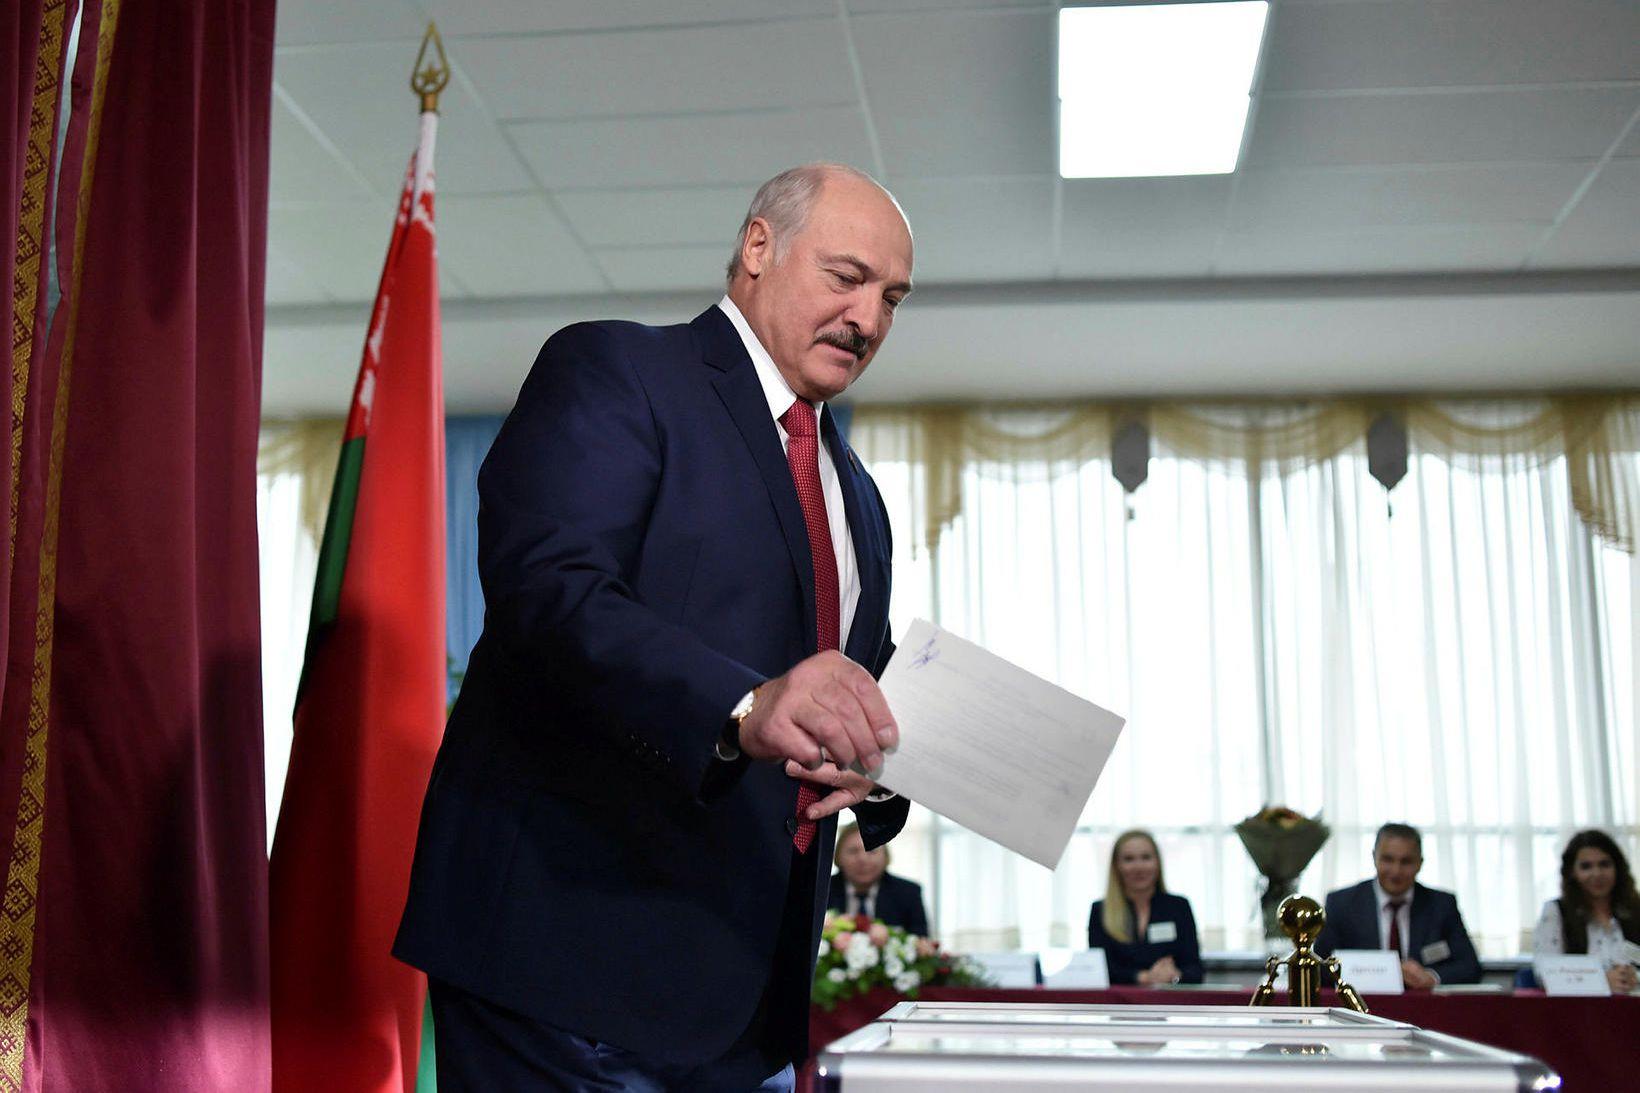 Alexander Lukashenko, forseti Hvíta-Rússlands, greiðir atkvæði sitt.